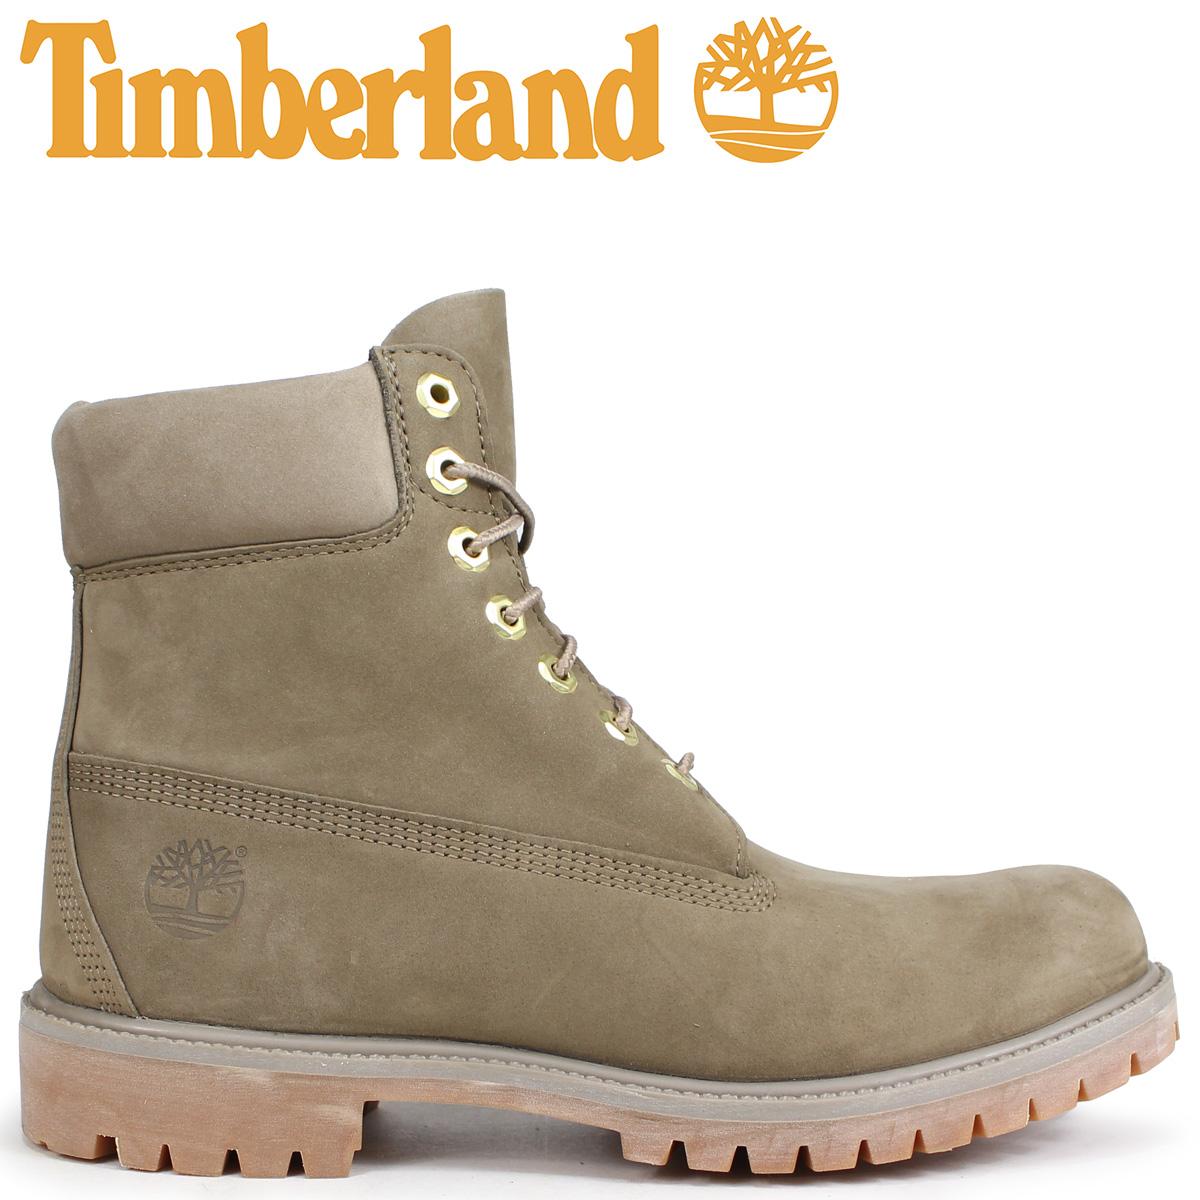 Timberland ブーツ メンズ 6インチ ティンバーランド 6-INCH PREMIUM BOOTS A1UFS Wワイズ ダークベージュ [9/7 新入荷]